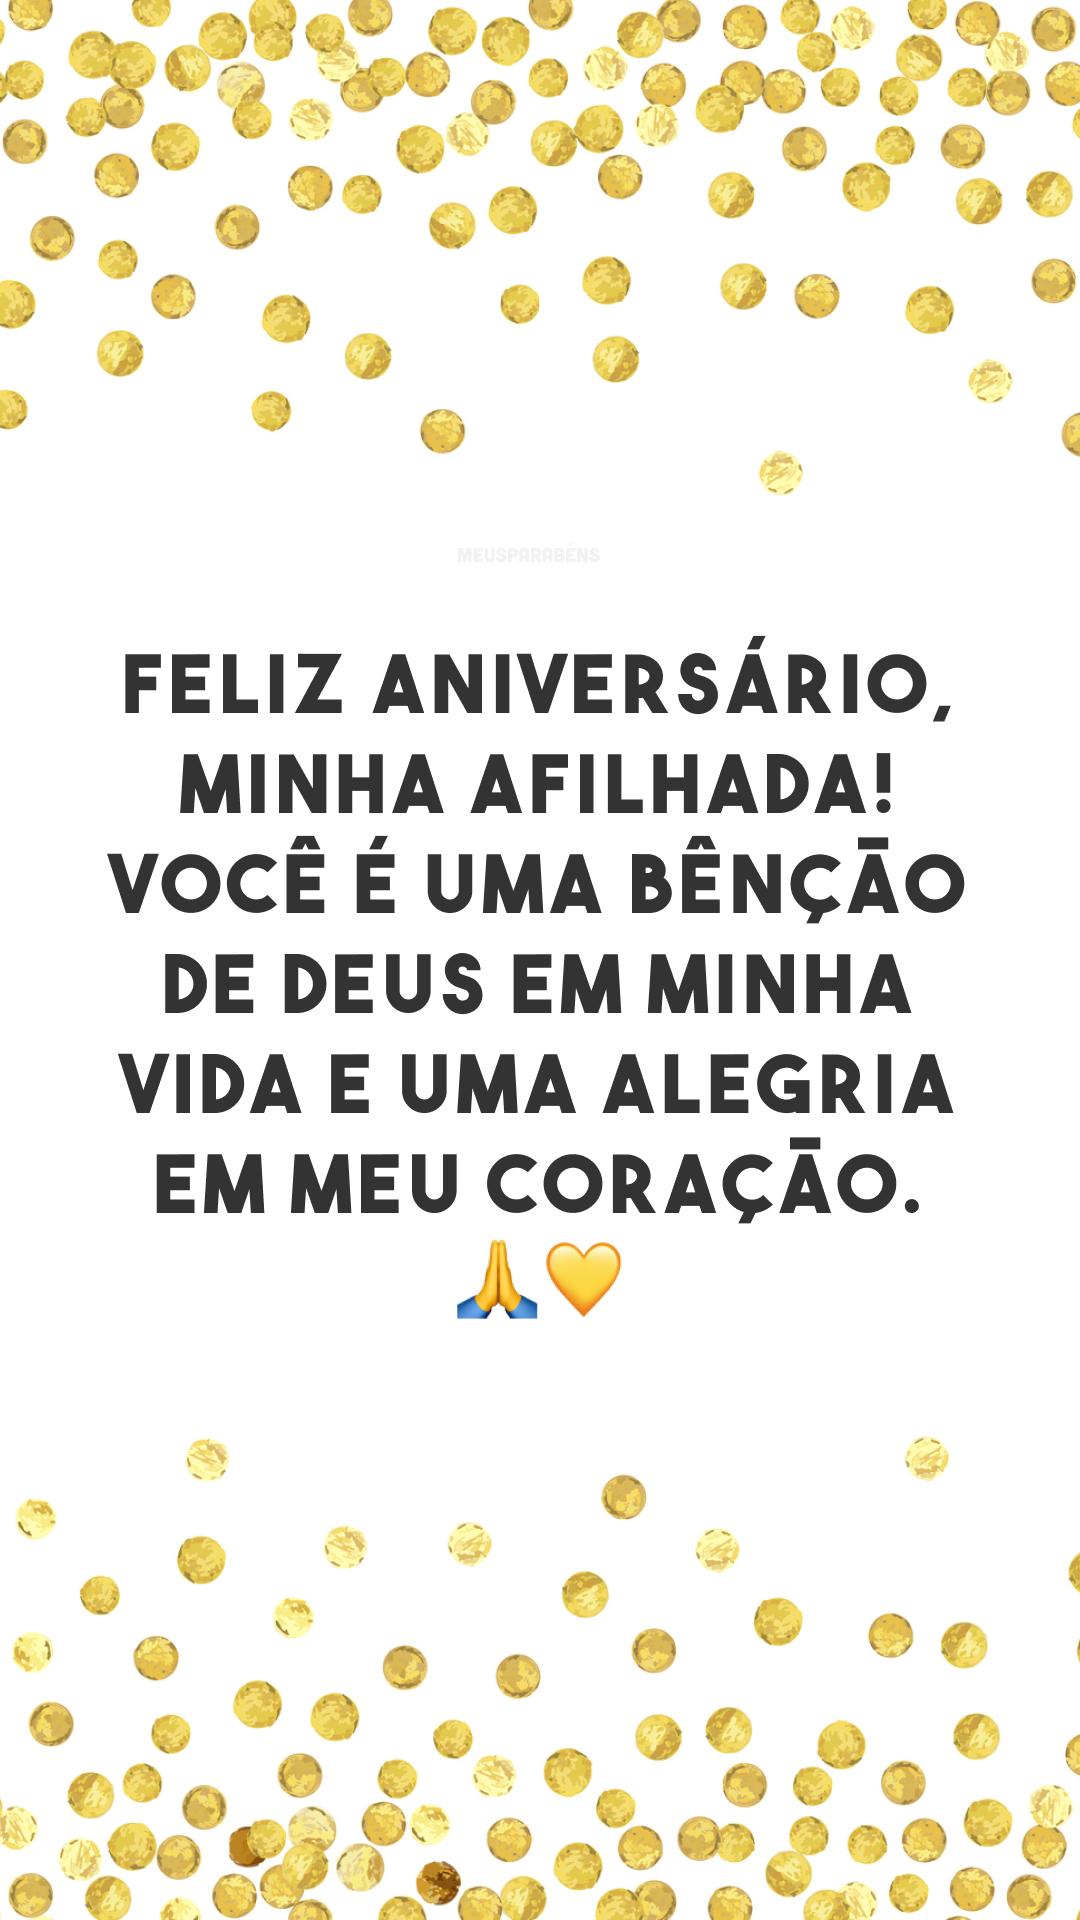 Feliz aniversário, minha afilhada! Você é uma bênção de Deus em minha vida e uma alegria em meu coração. 🙏💛